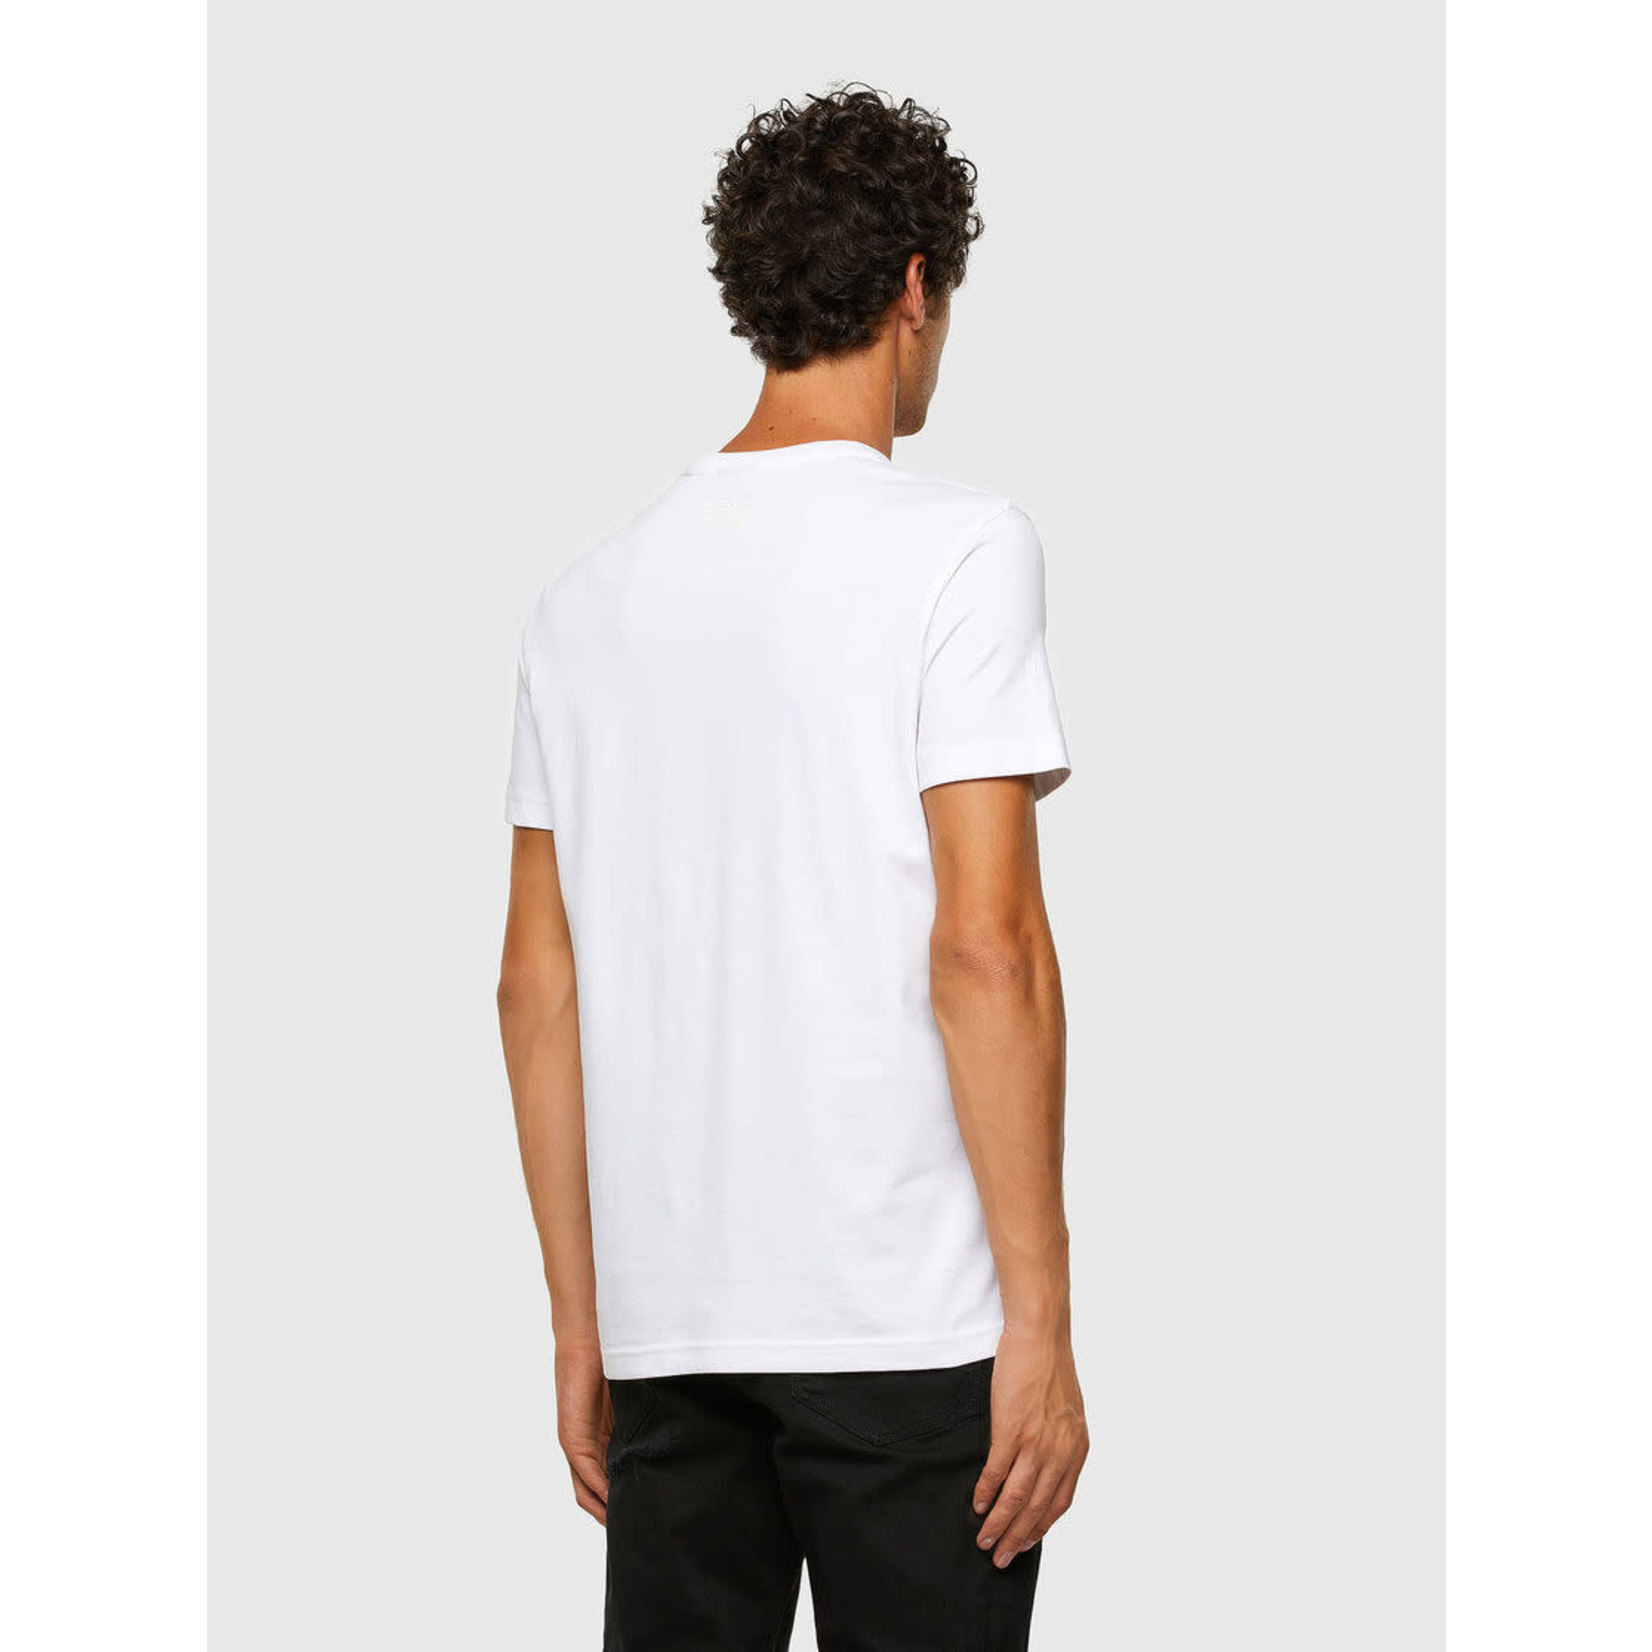 DIESEL DIESEL T-SHIRT DIEGOS X47 - WHITE